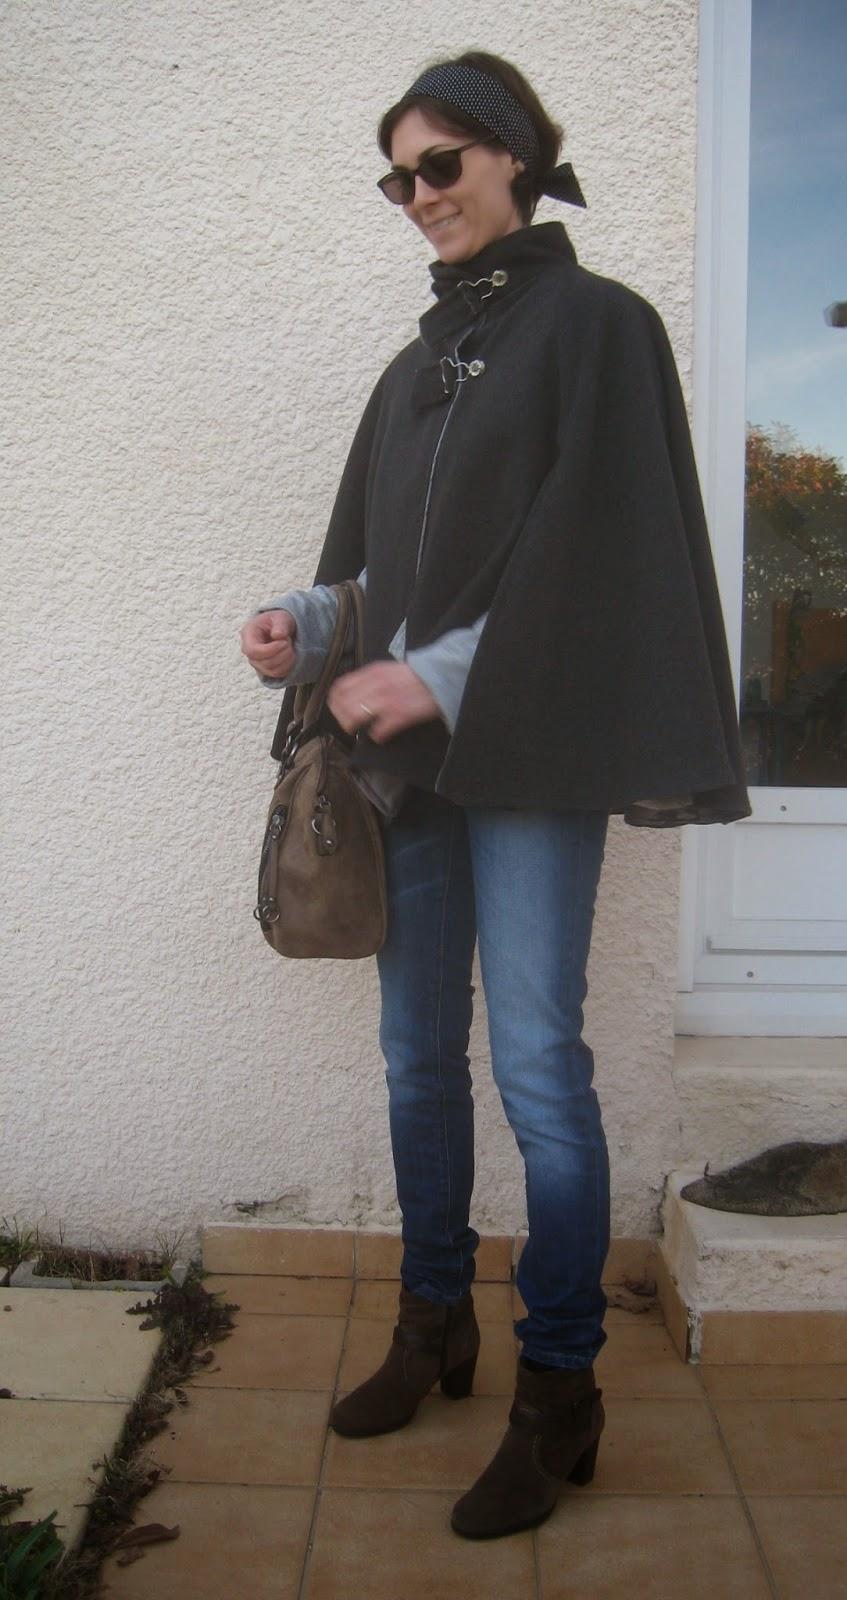 Trendy Cape Top Fashion Looks With Jeans Idea: Miss Popeline: La Trendy Cape De Vanessa Pouzet